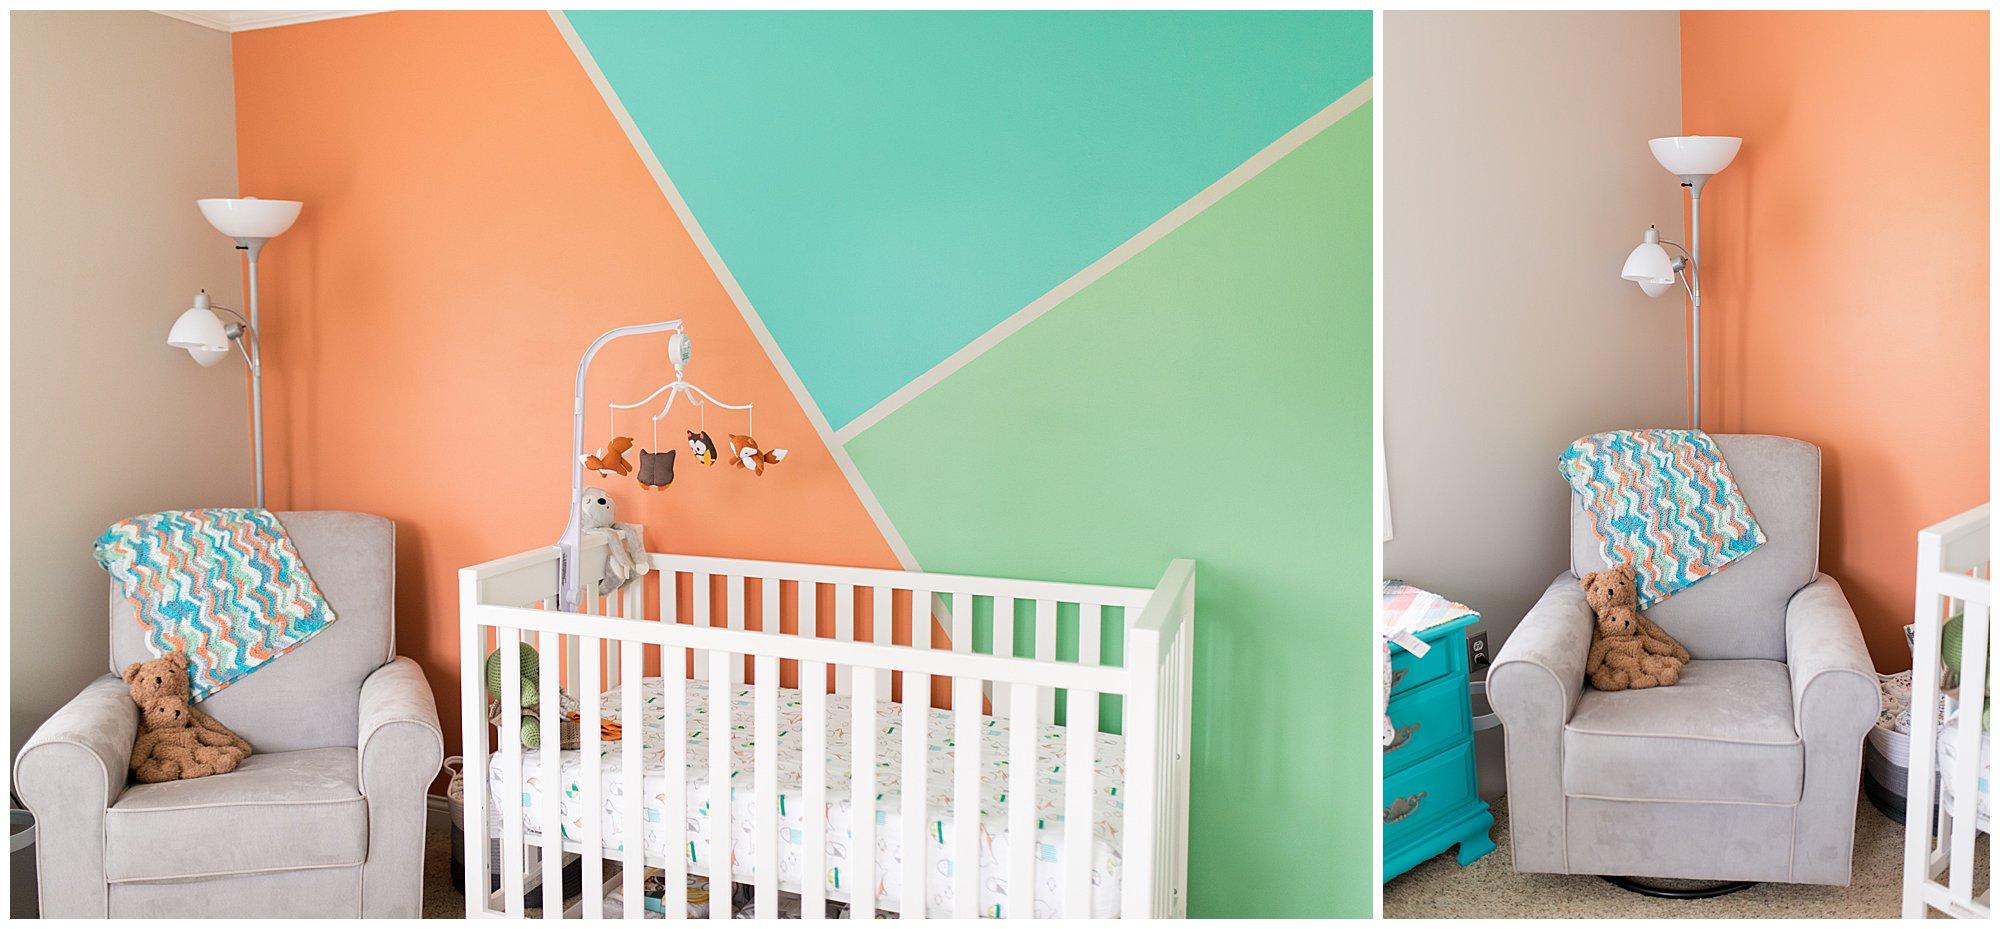 gender neutral nursery decor in Muncie Indiana